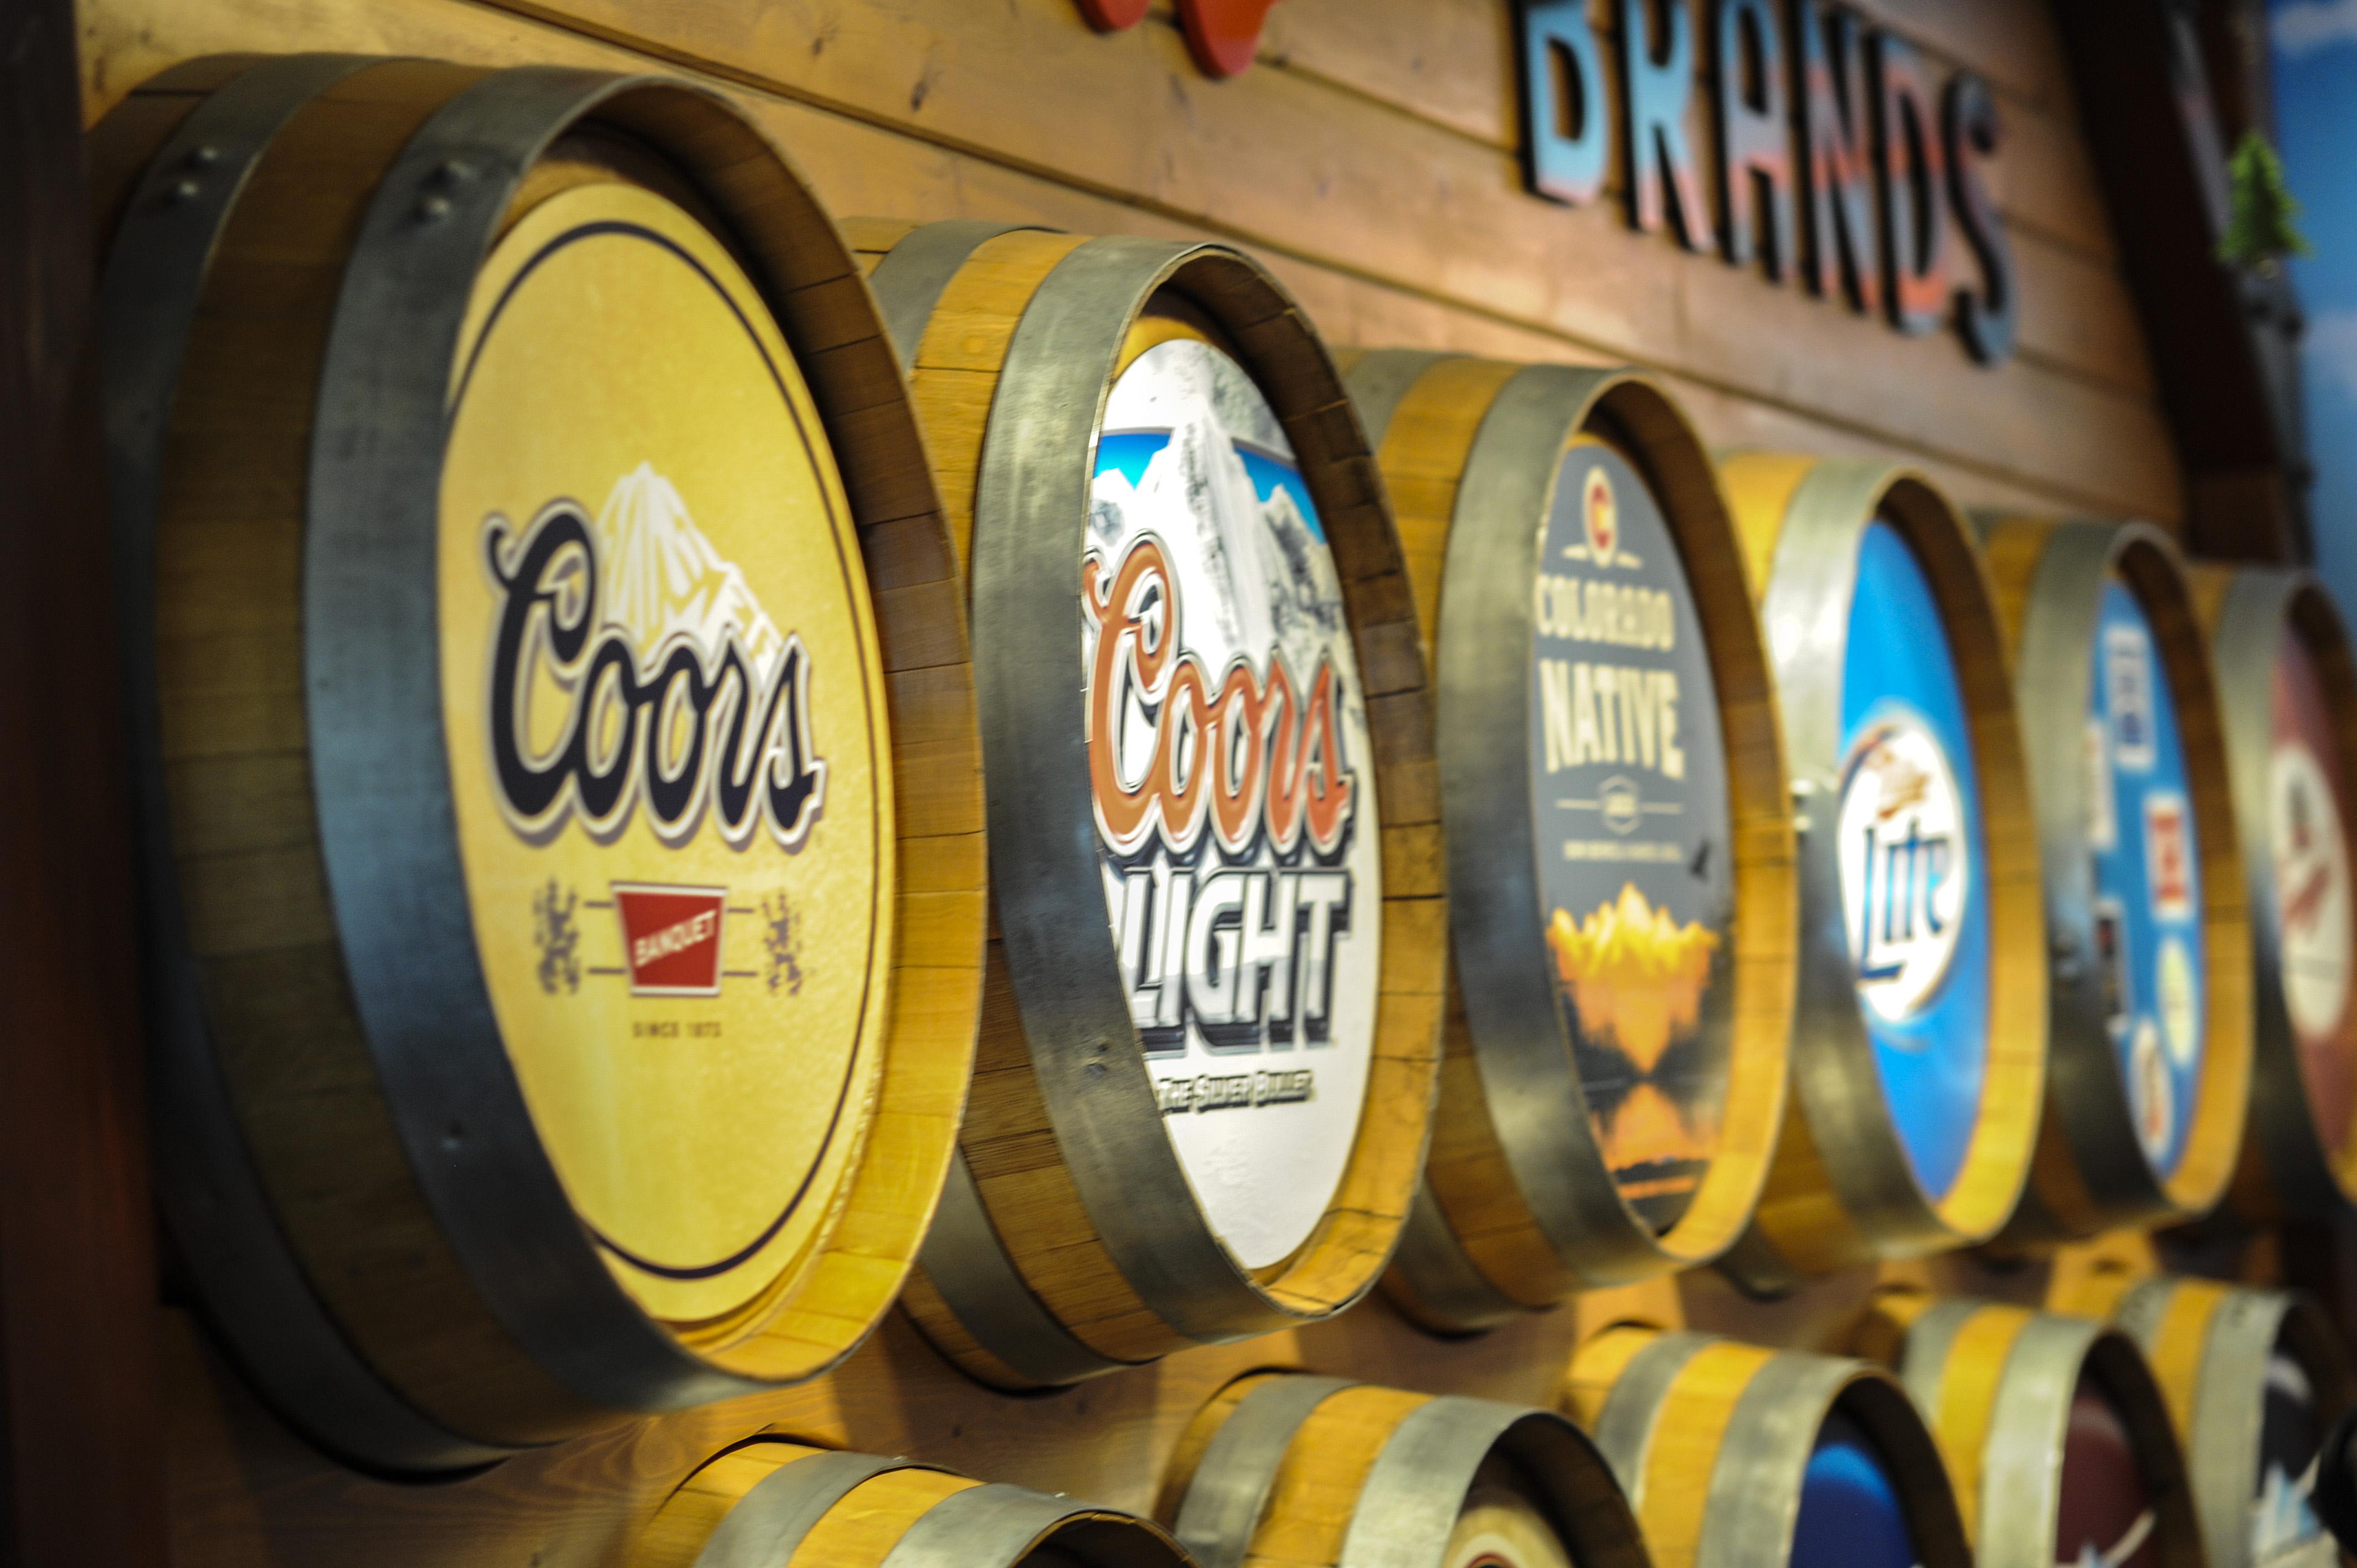 Brewery Tour Legendary Barrels